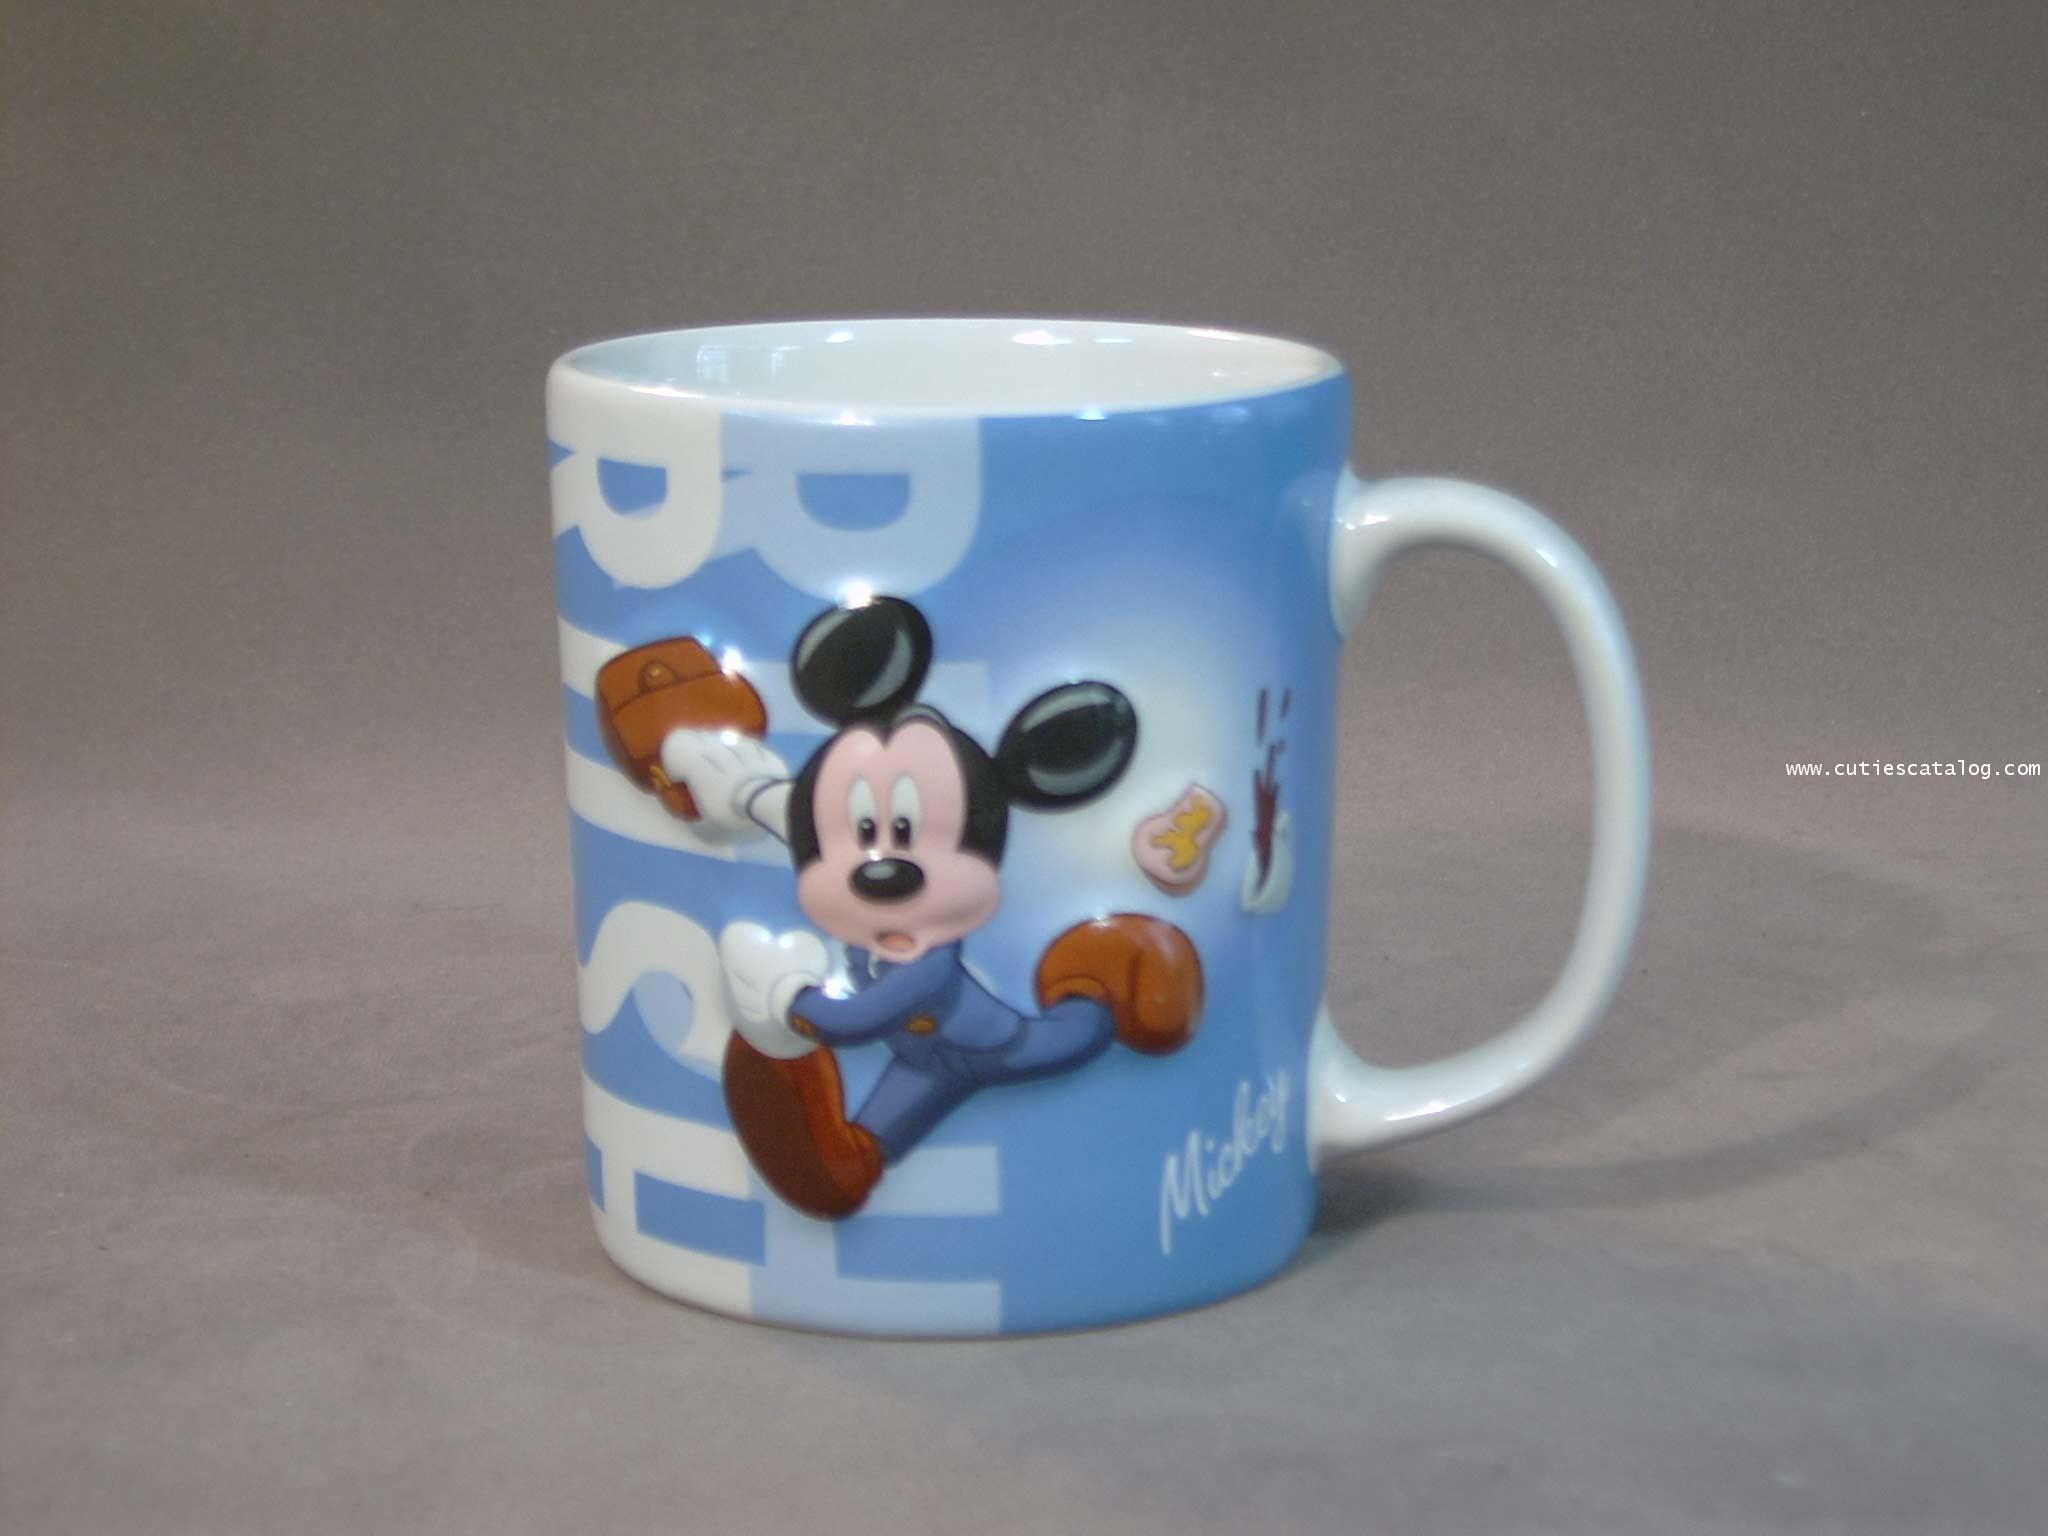 แก้วดิสนีย์ ชุดเลทโกทูเวิร์ต ลายมิคกี้(Mickey)